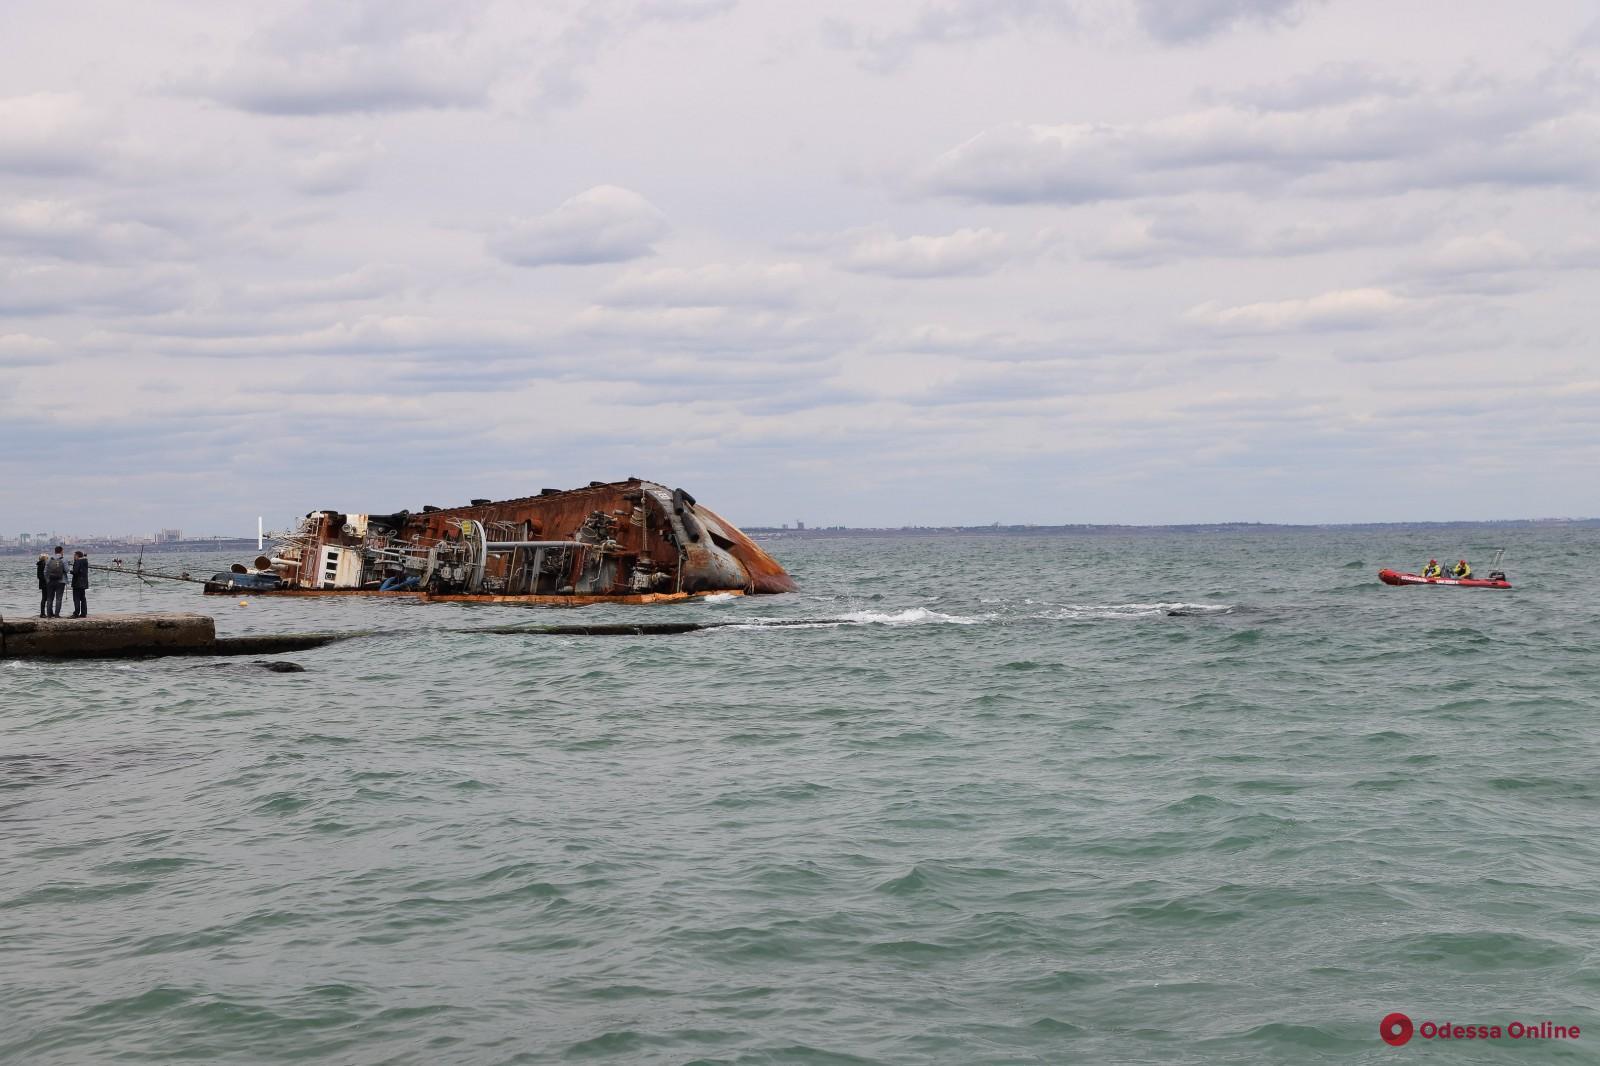 Геннадий Труханов пригласил всех ответственных, игнорирующих ситуацию с Delfi, отдохнуть на пляже у танкера